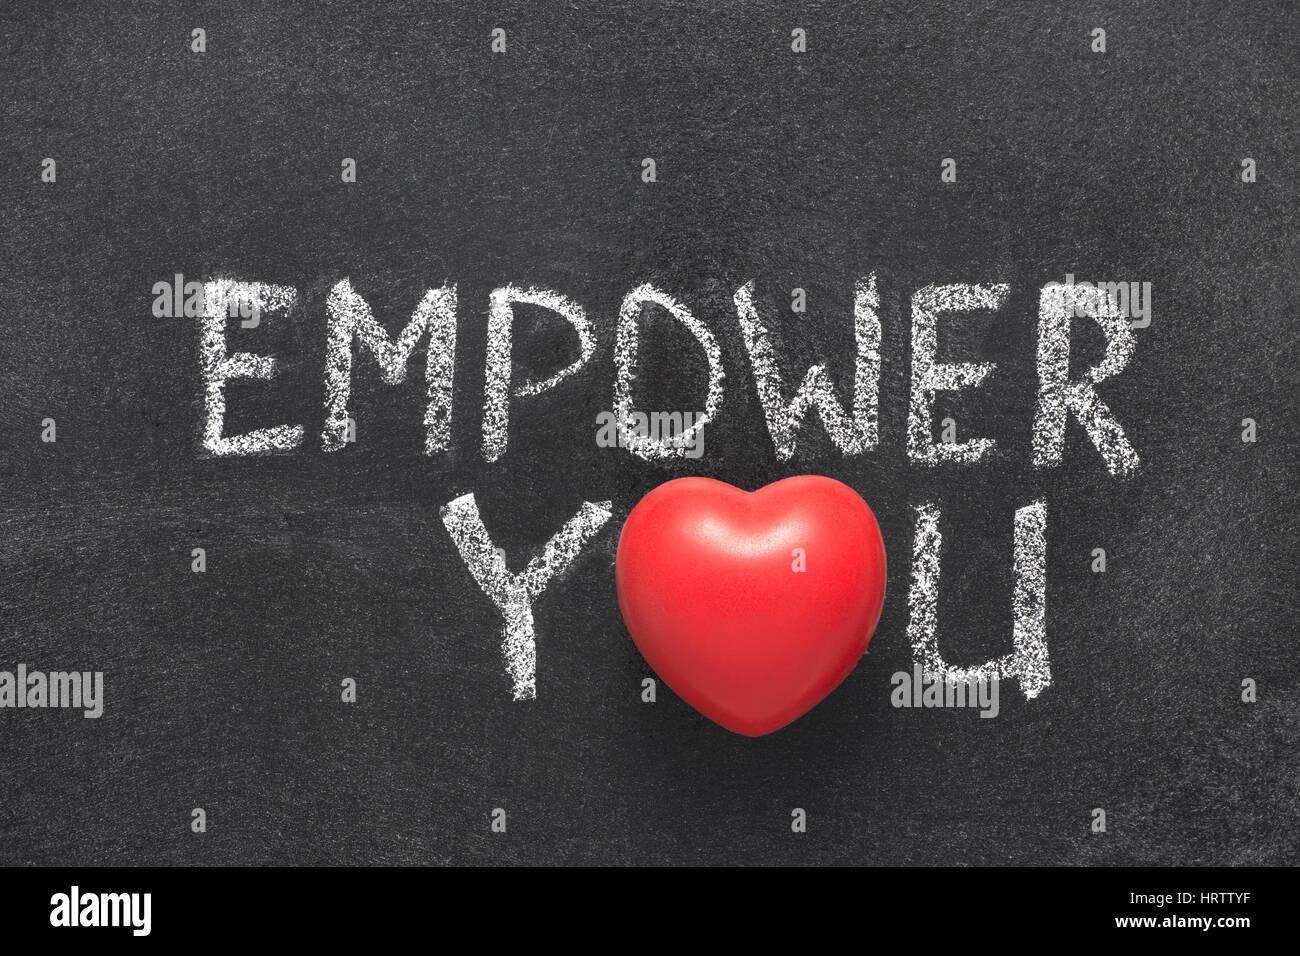 Empower you phrase handwritten on blackboard with heart symbol empower you phrase handwritten on blackboard with heart symbol instead of o biocorpaavc